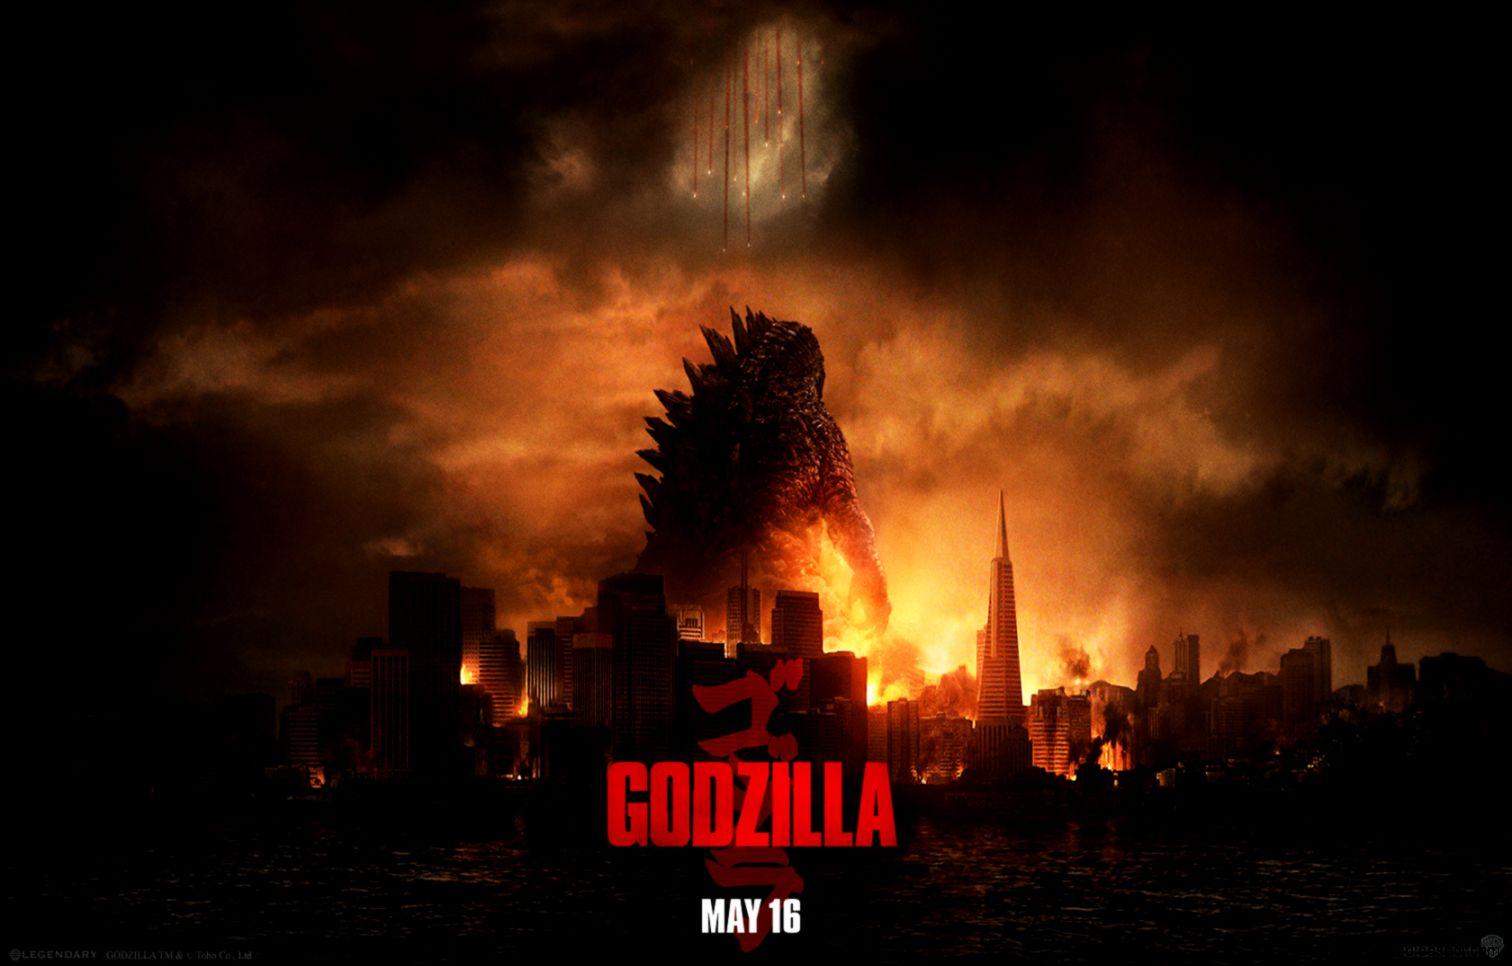 Godzilla 2014 Hi Res Wallpapers 197664 3472 Wallpaper  Cool